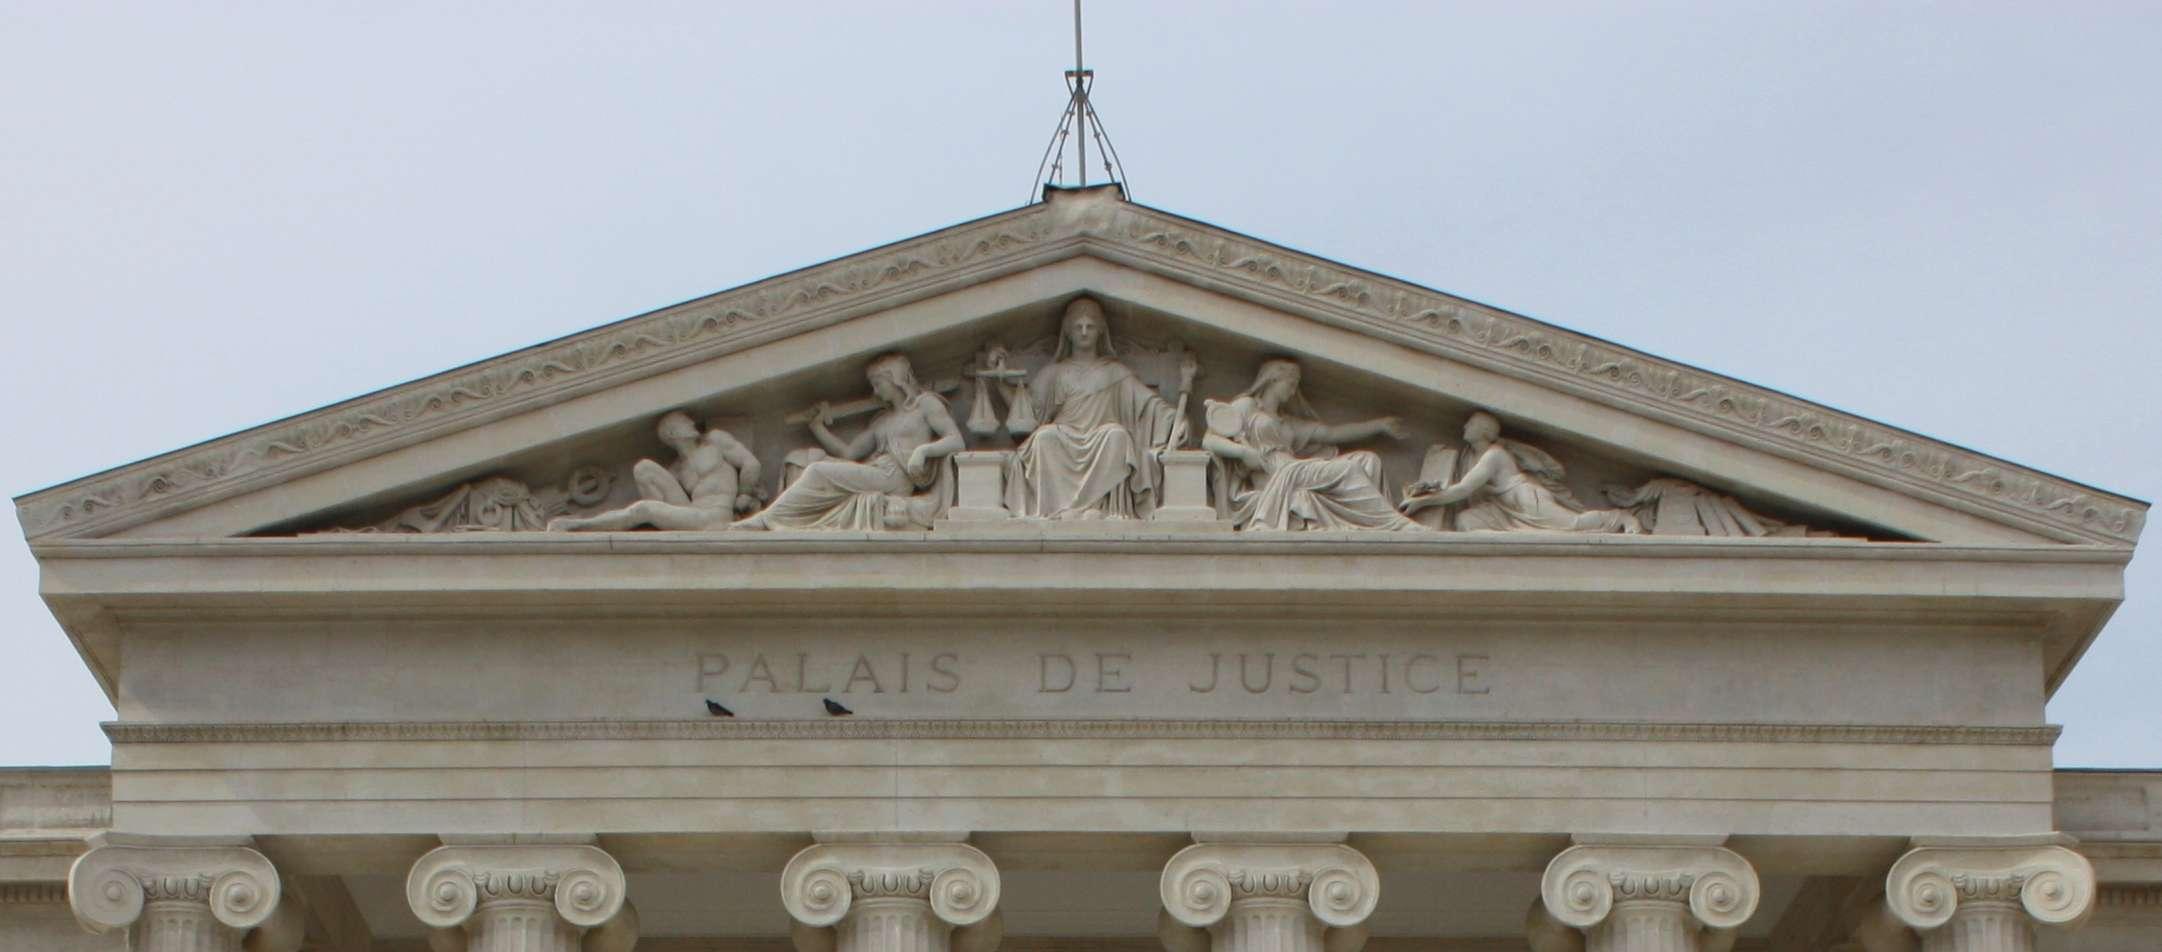 ARCHITECTURE : les frontons racontent une histoire - Page 2 Palais12